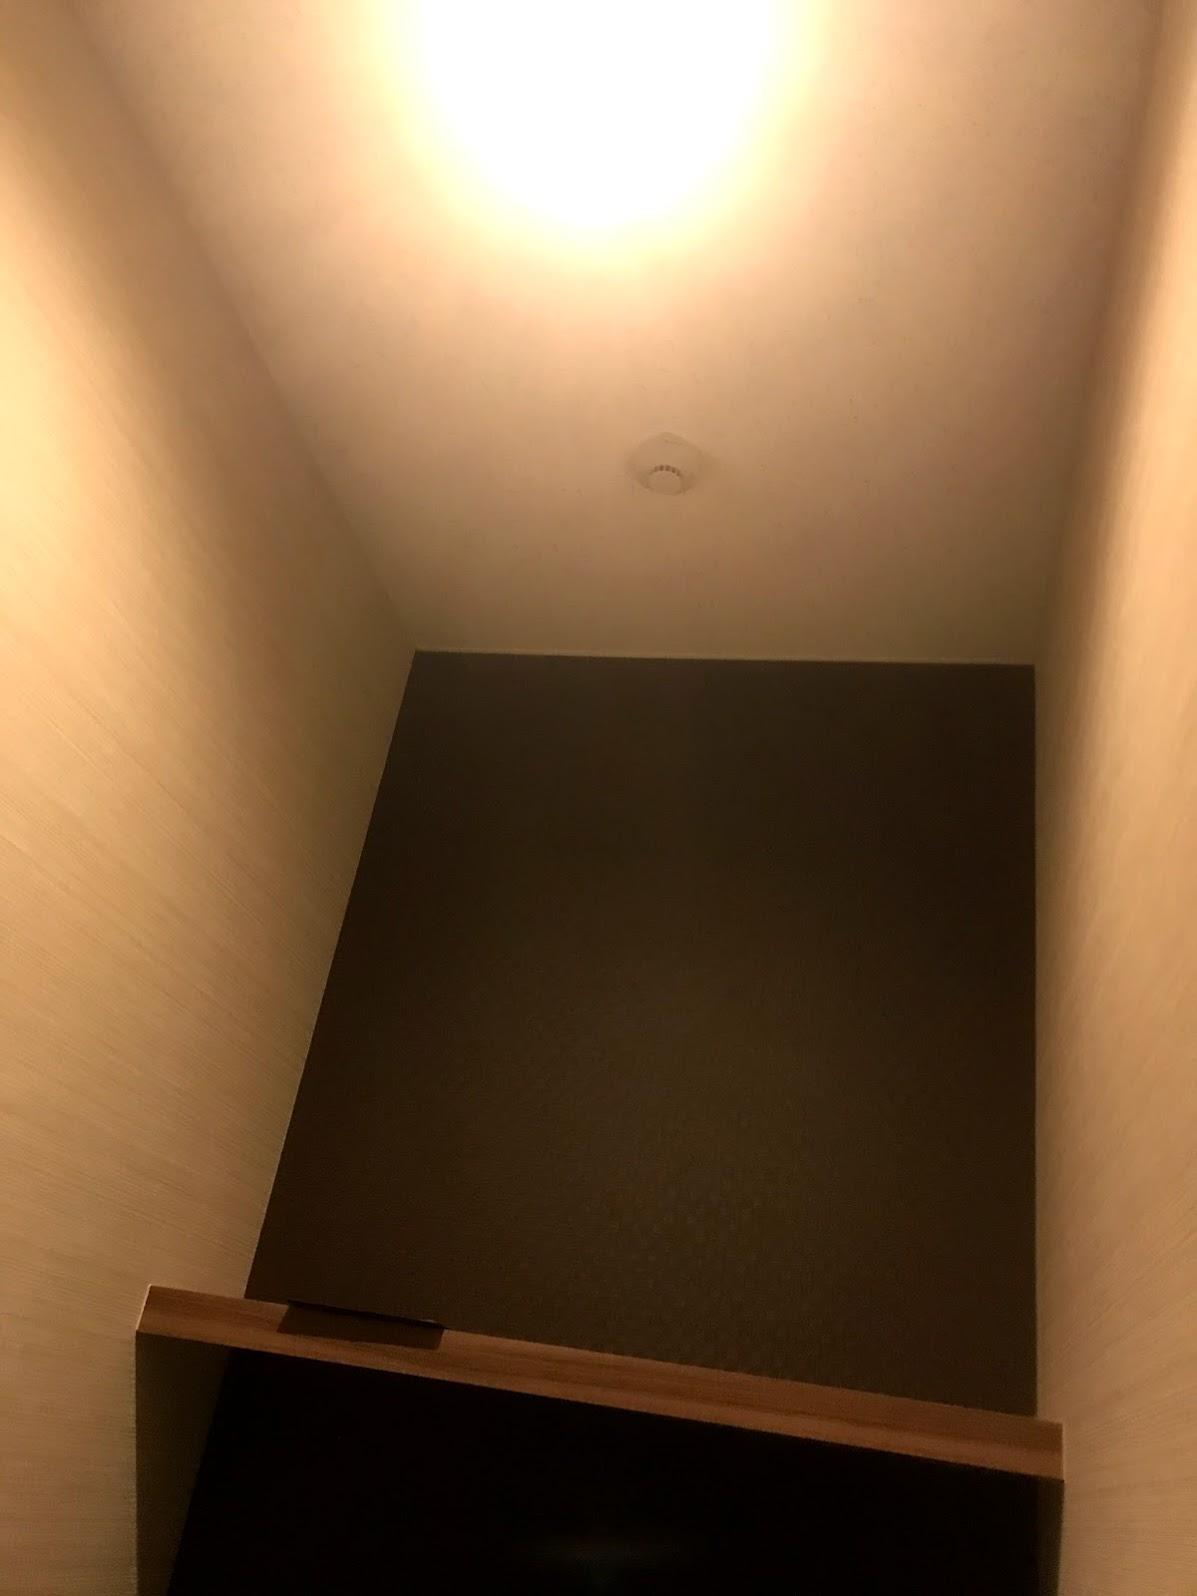 ネットルーム内天井の様子